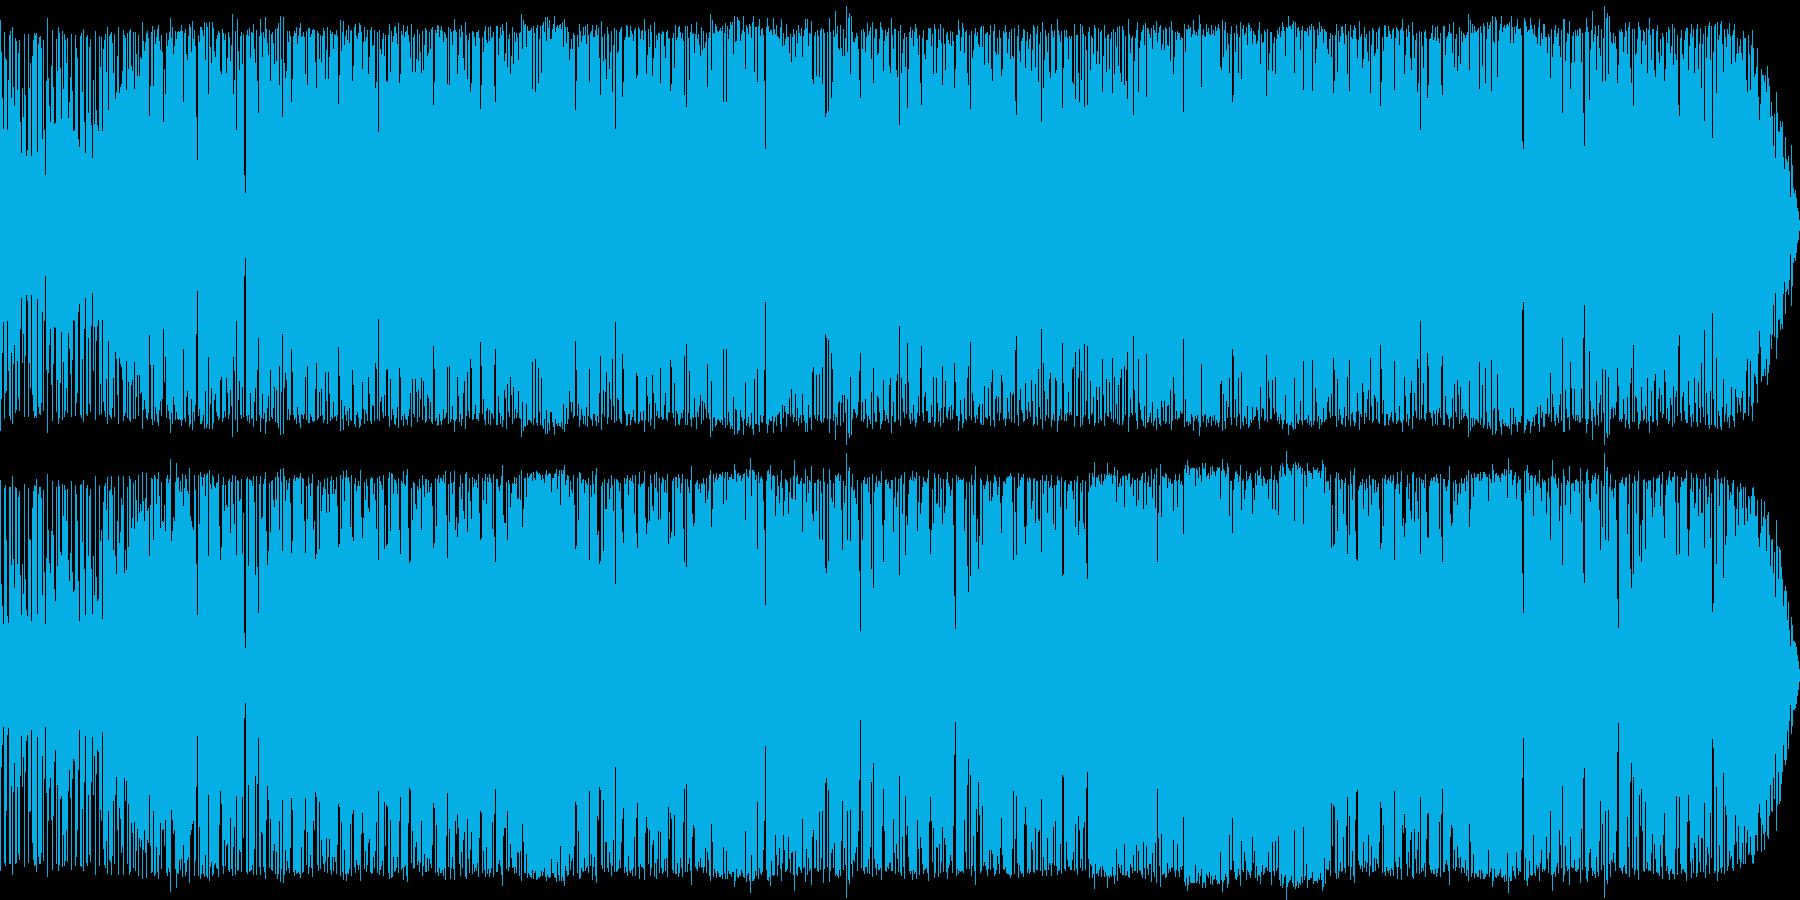 悪魔の苦悩をイメージしたポップスの再生済みの波形